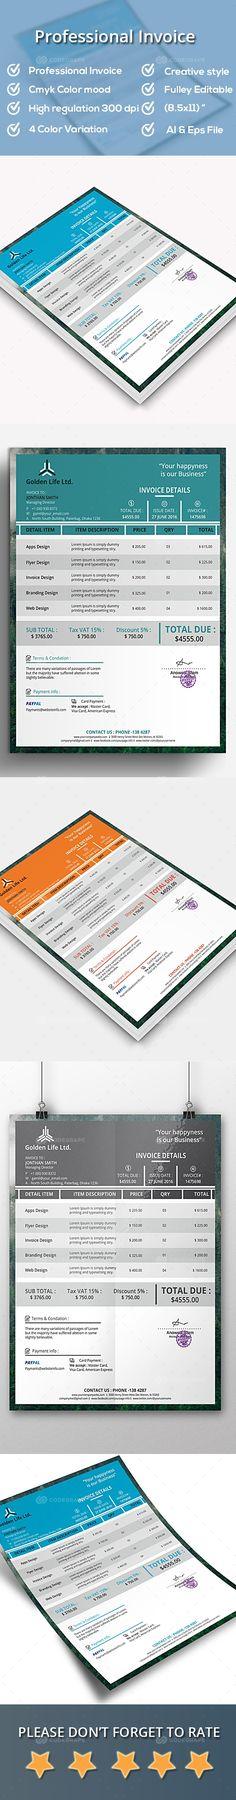 Free Invoice Maker - Invoice Generator - Invoice Creator Invoice - easy invoice maker